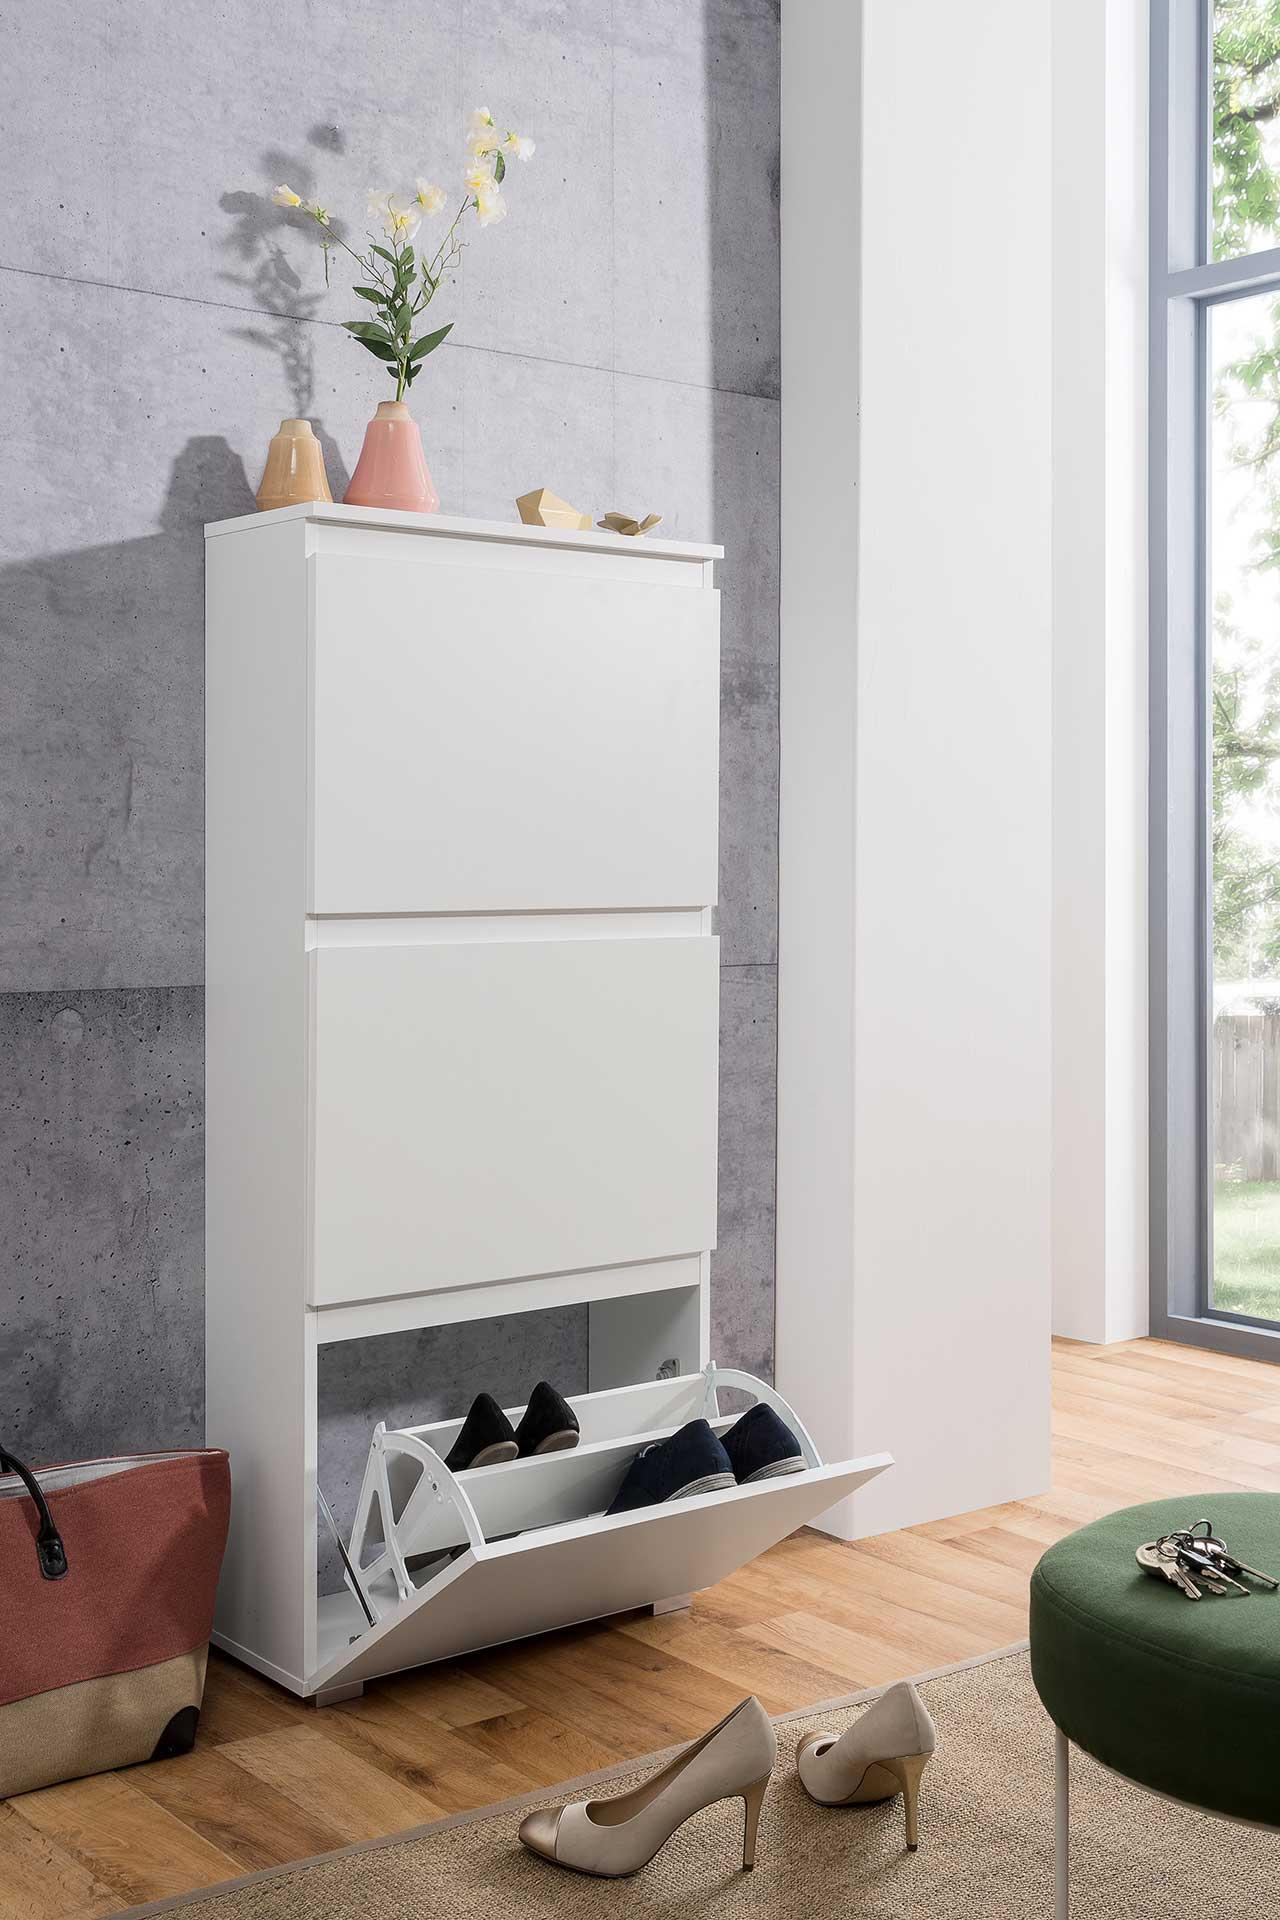 Lifestyle4Living Schuhkipper in weiß matt mit 3 Klappen, Maße: B/H/T ca. 58/133/25 cm